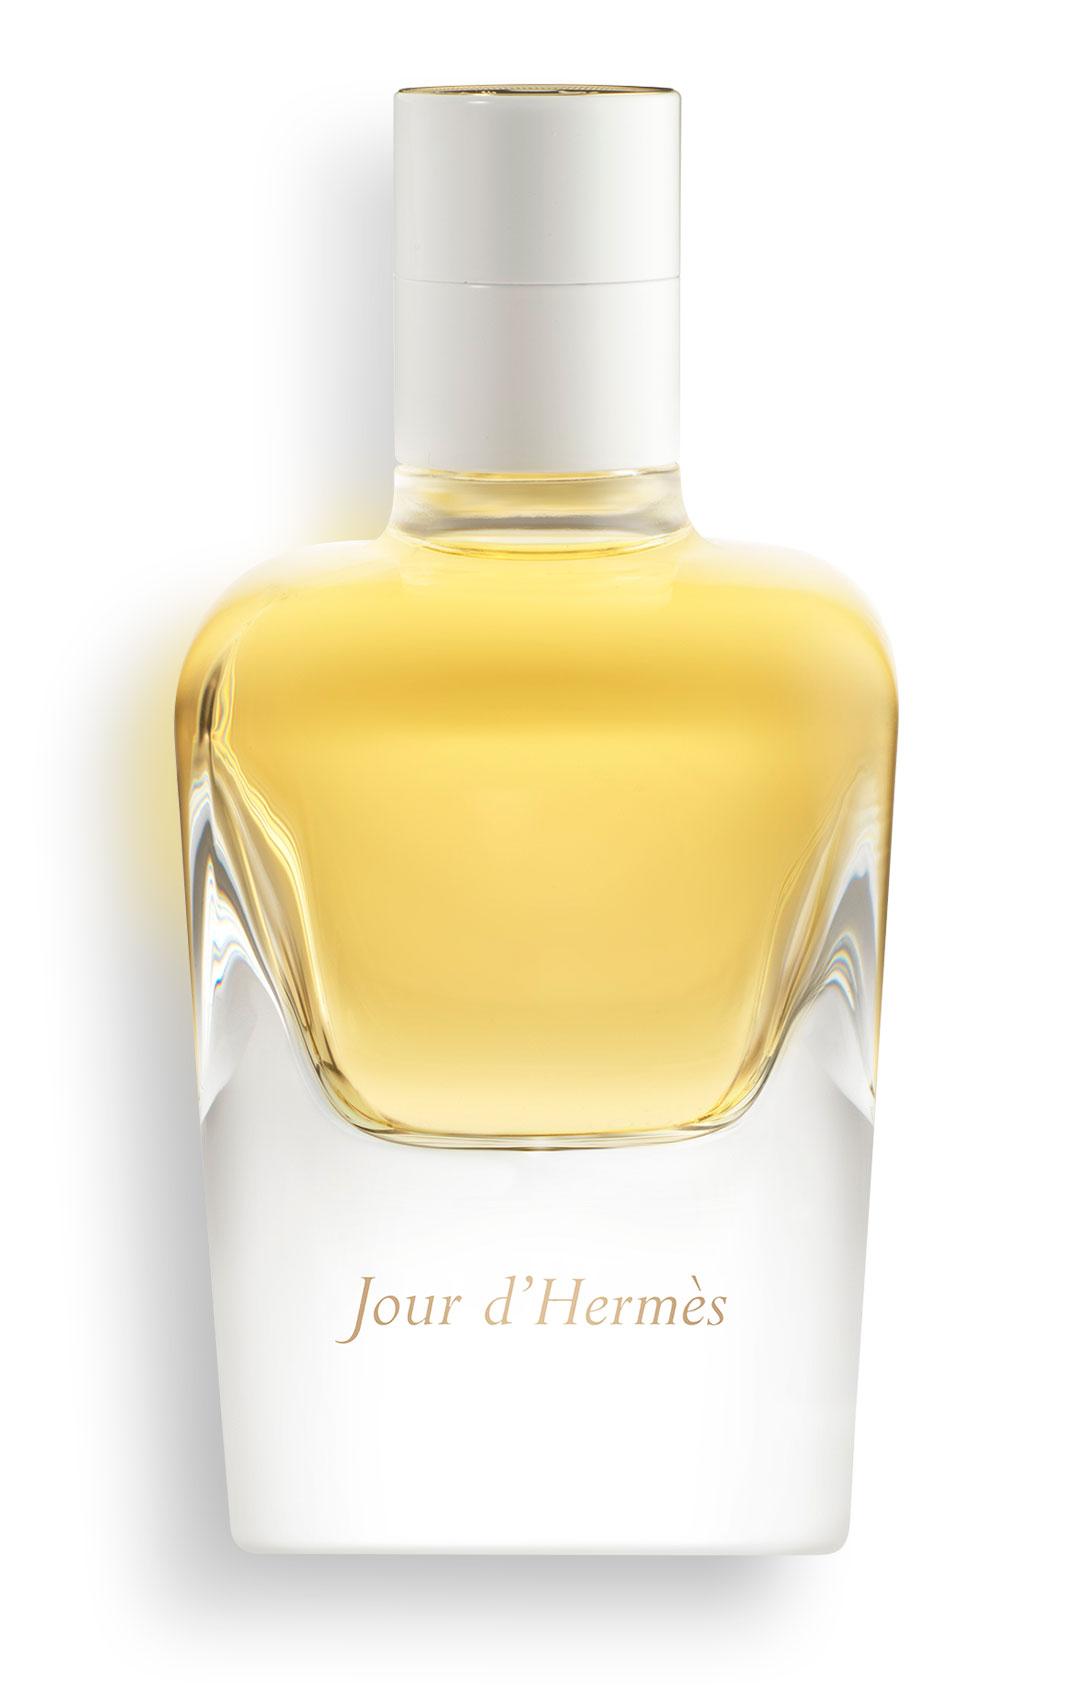 Hermès - Jour d'Hermès - Eau de parfum 30 ml ou 50 ml